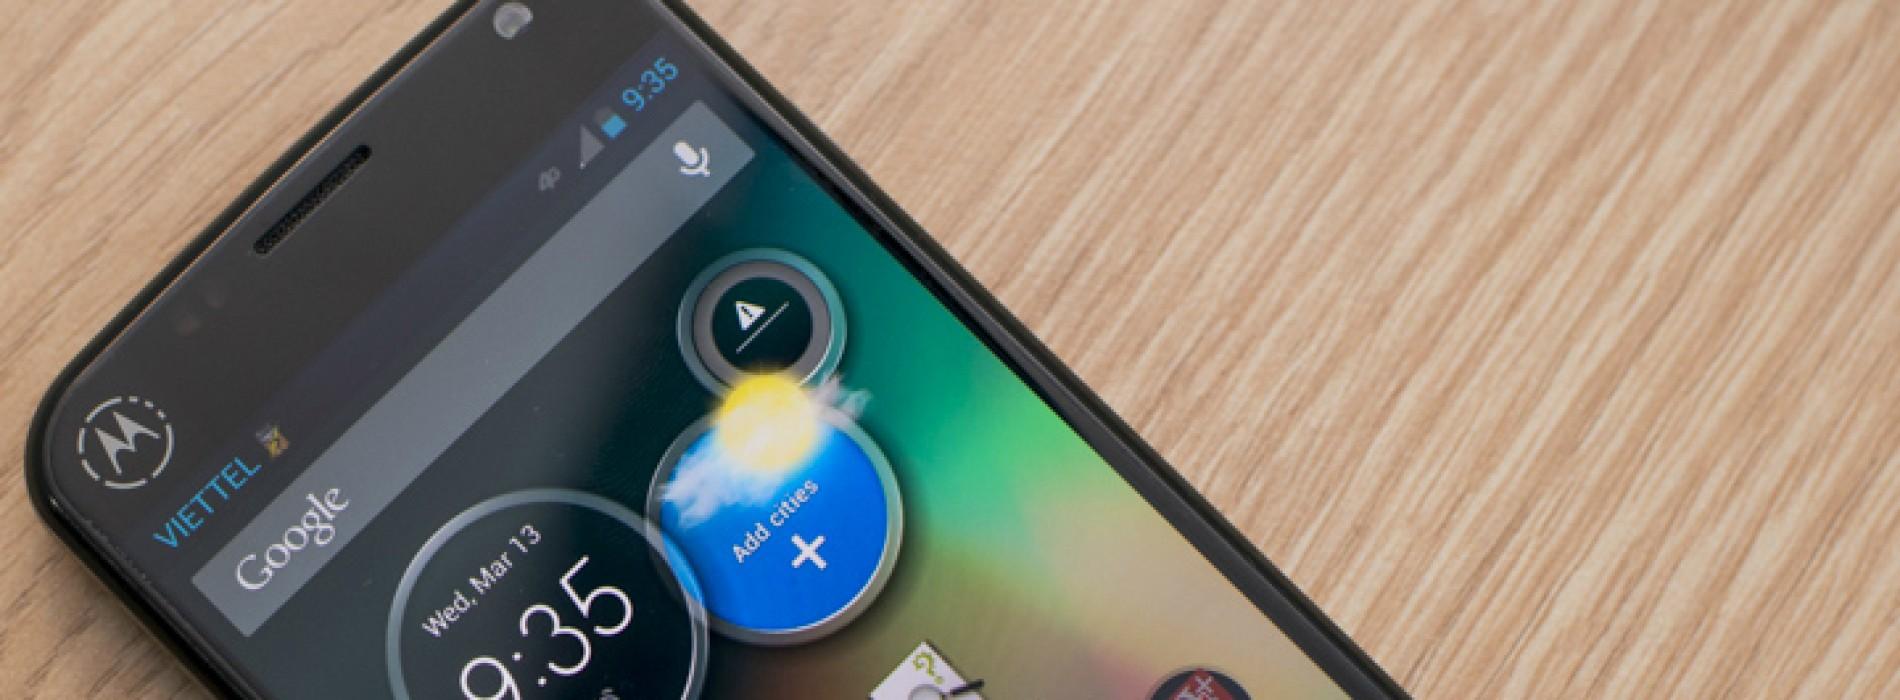 Leaked Motorola device tips Google influence